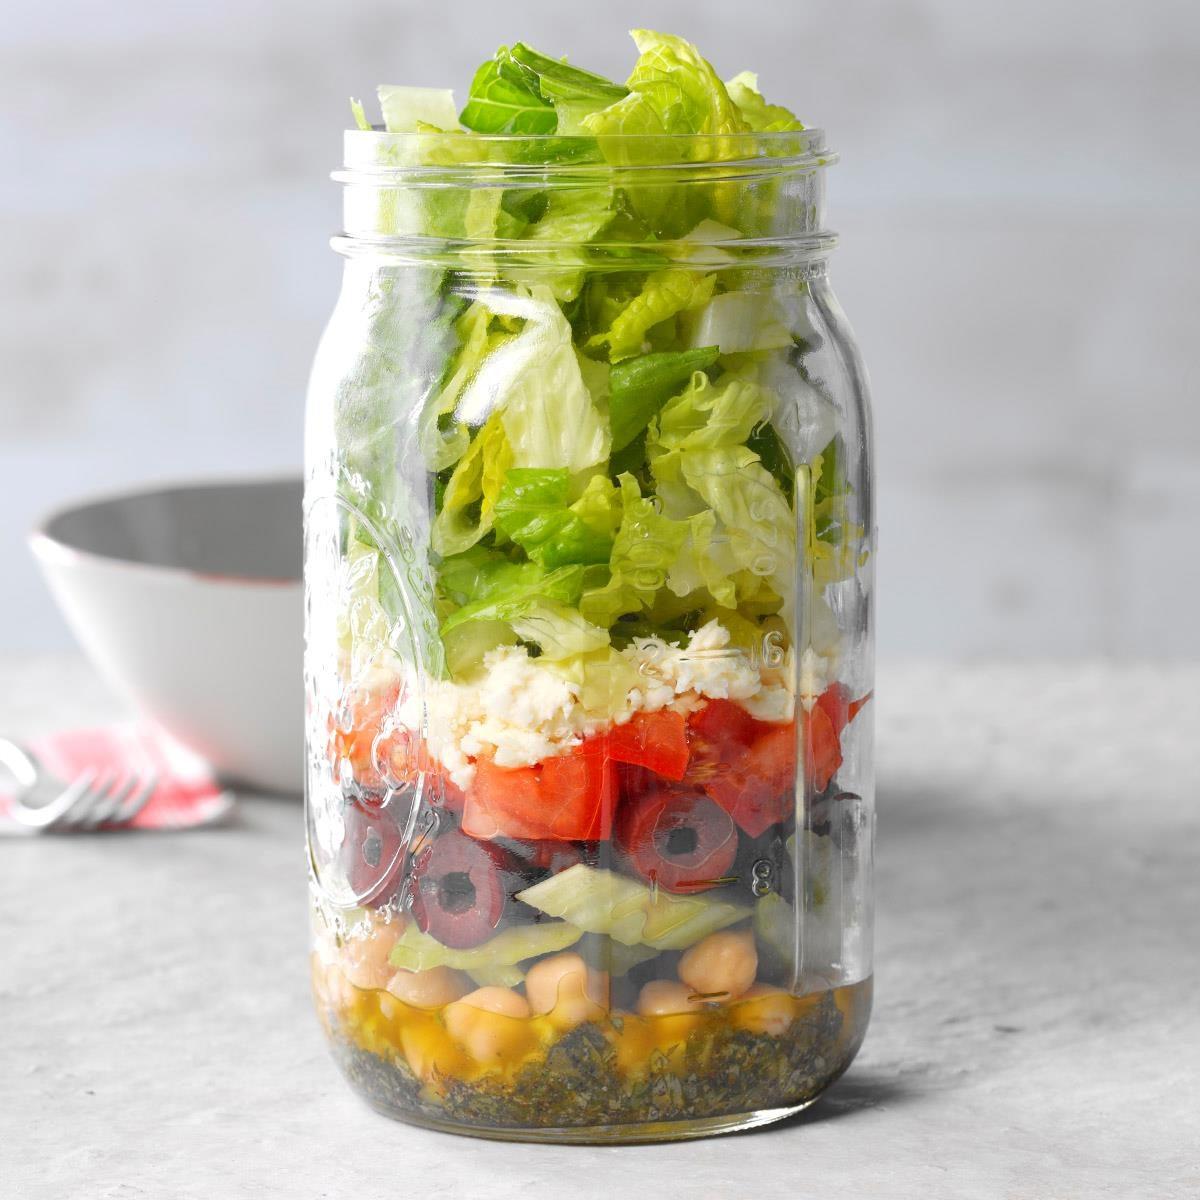 Chopped Greek Salad in a Jar